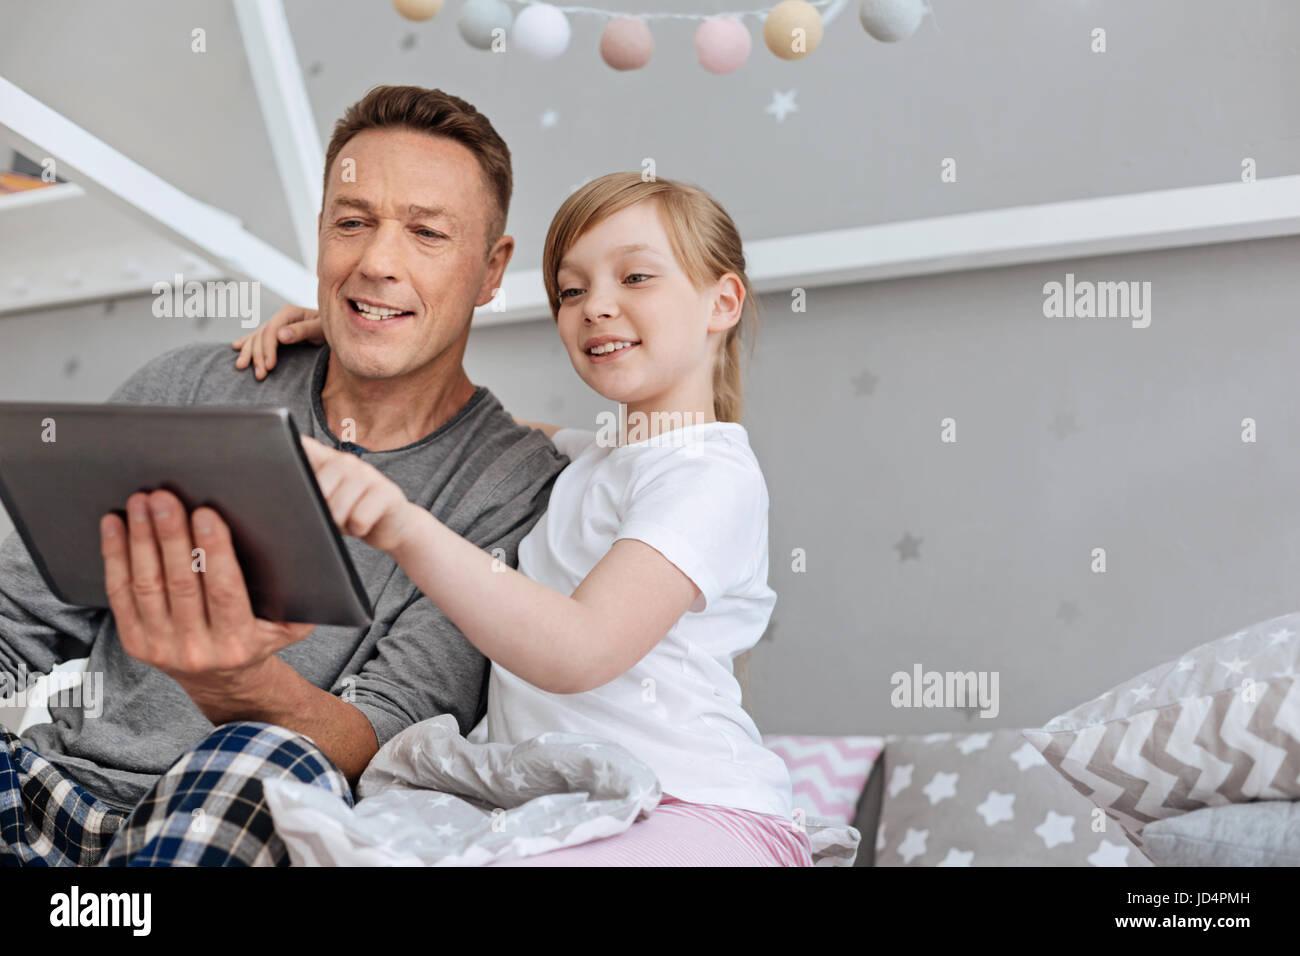 Carino impegnato famiglia guardare qualcosa su tablet Foto Stock